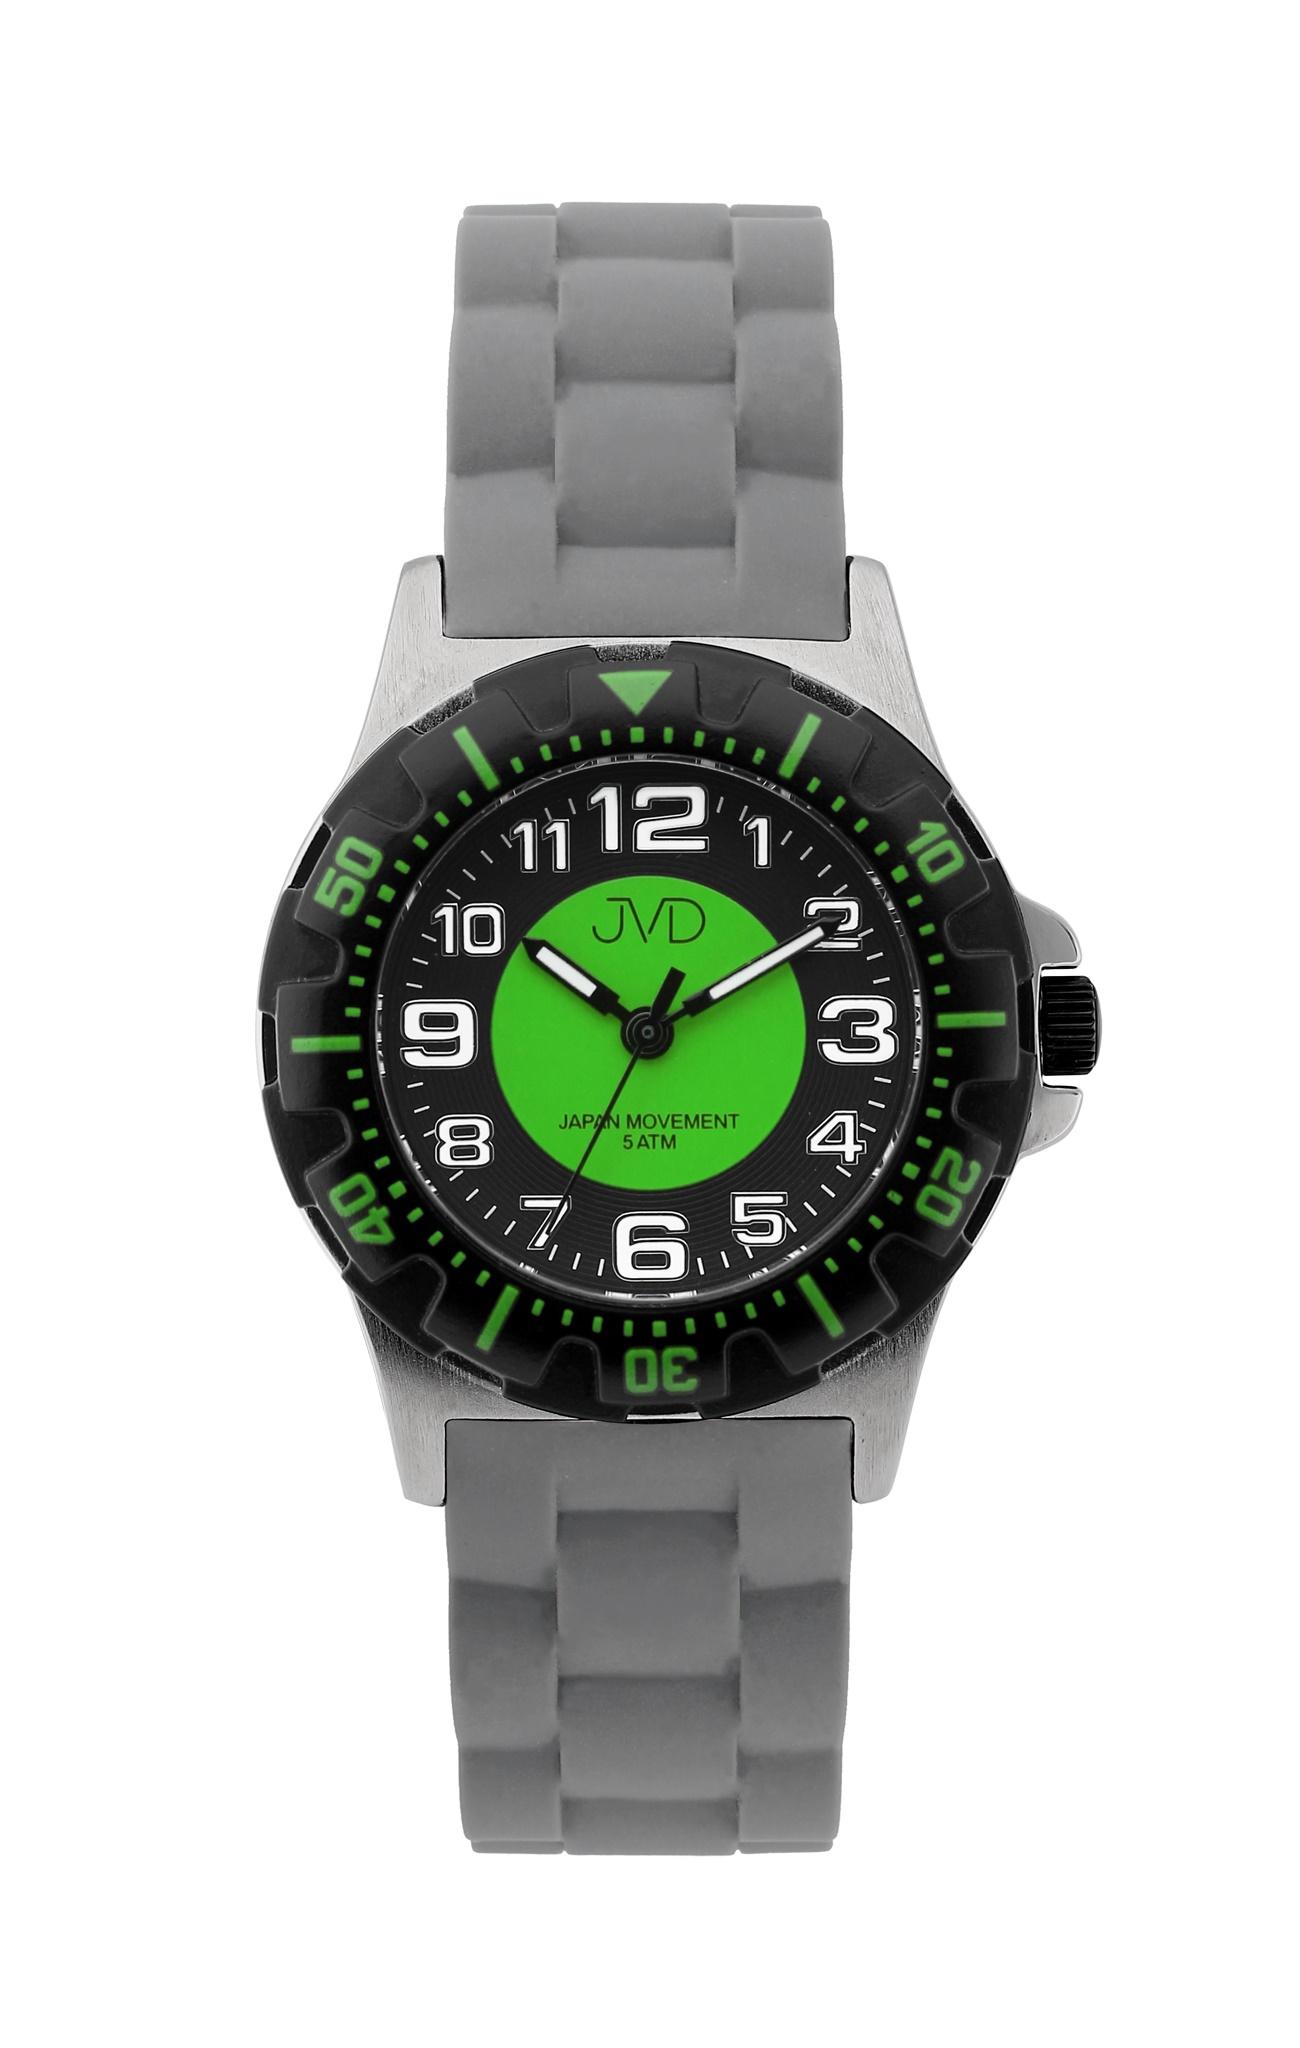 Chlapecké dětské vodotěsné sportovní hodinky JVD J7168.3 - 5ATM ... 30a4789a4da